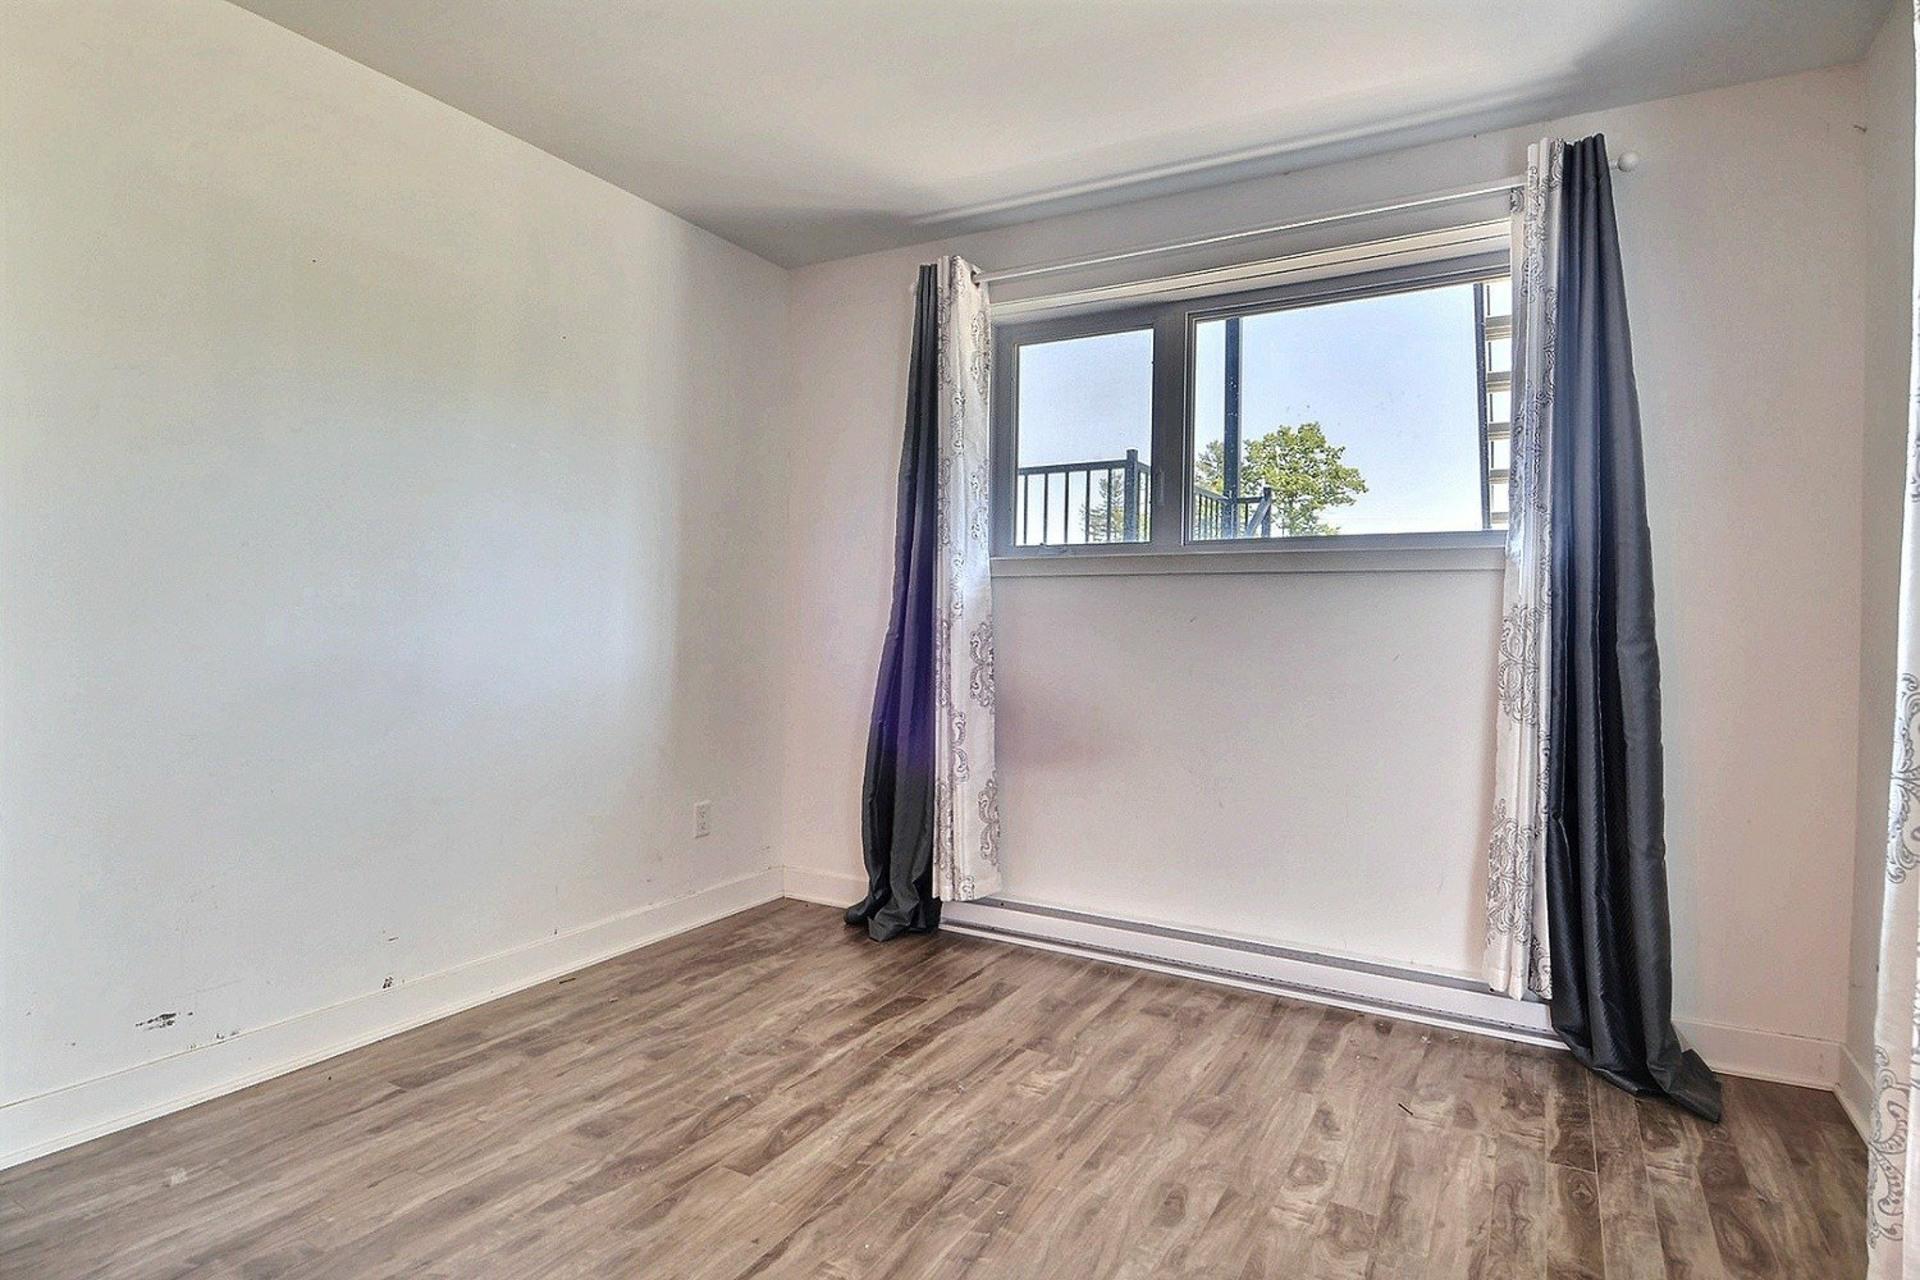 image 6 - Apartment For sale Sainte-Anne-des-Plaines - 4 rooms